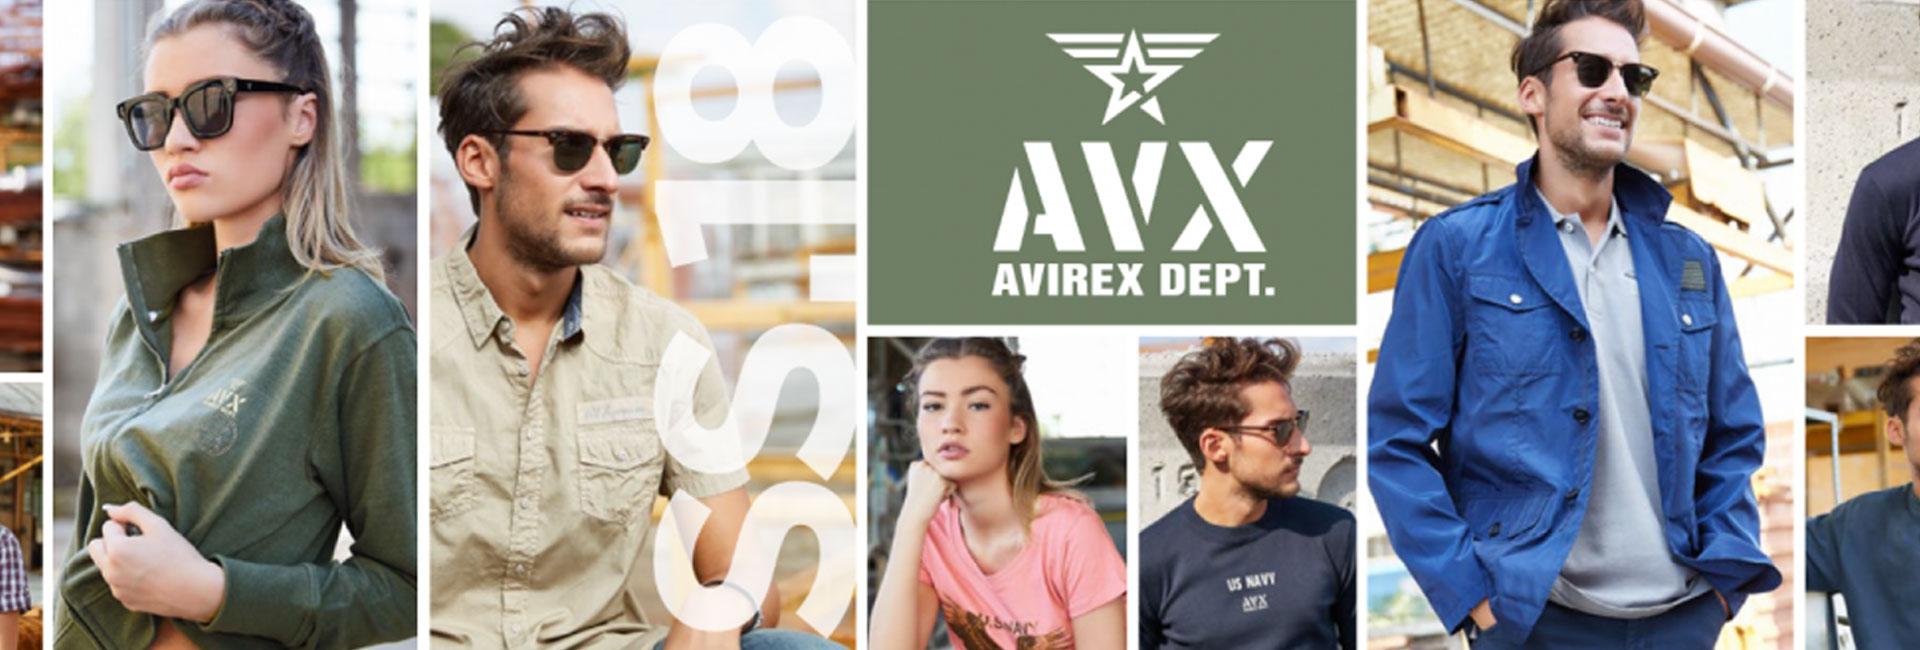 Copertina di Avx